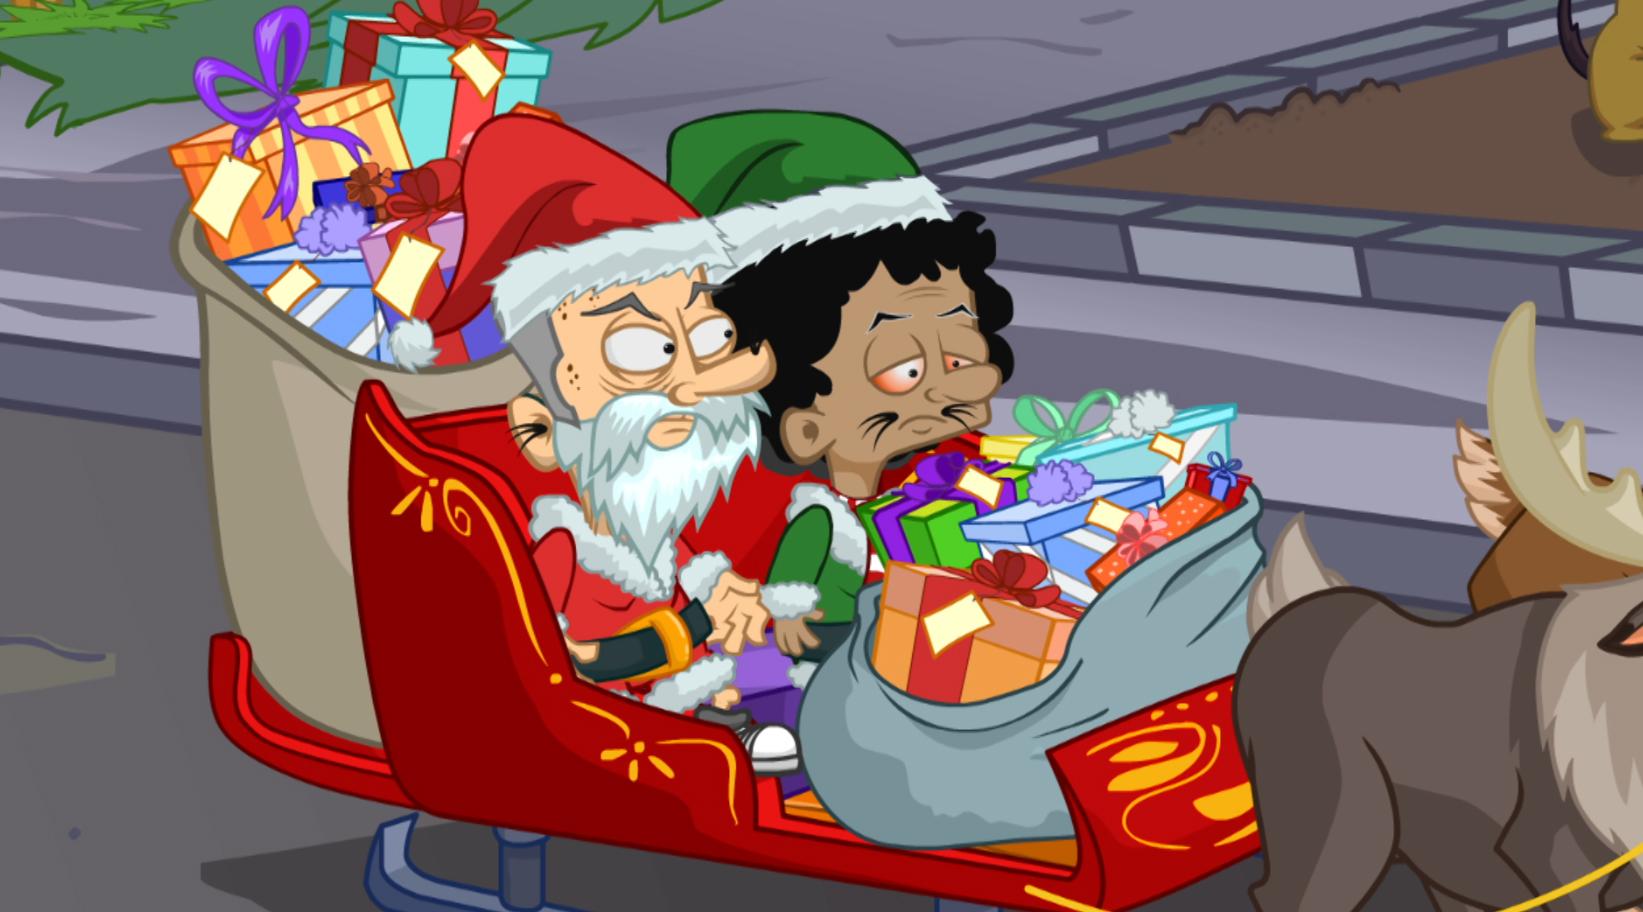 ¡Atropellan a Santa Claus! epecial navideño MTV La Familia del Barrio